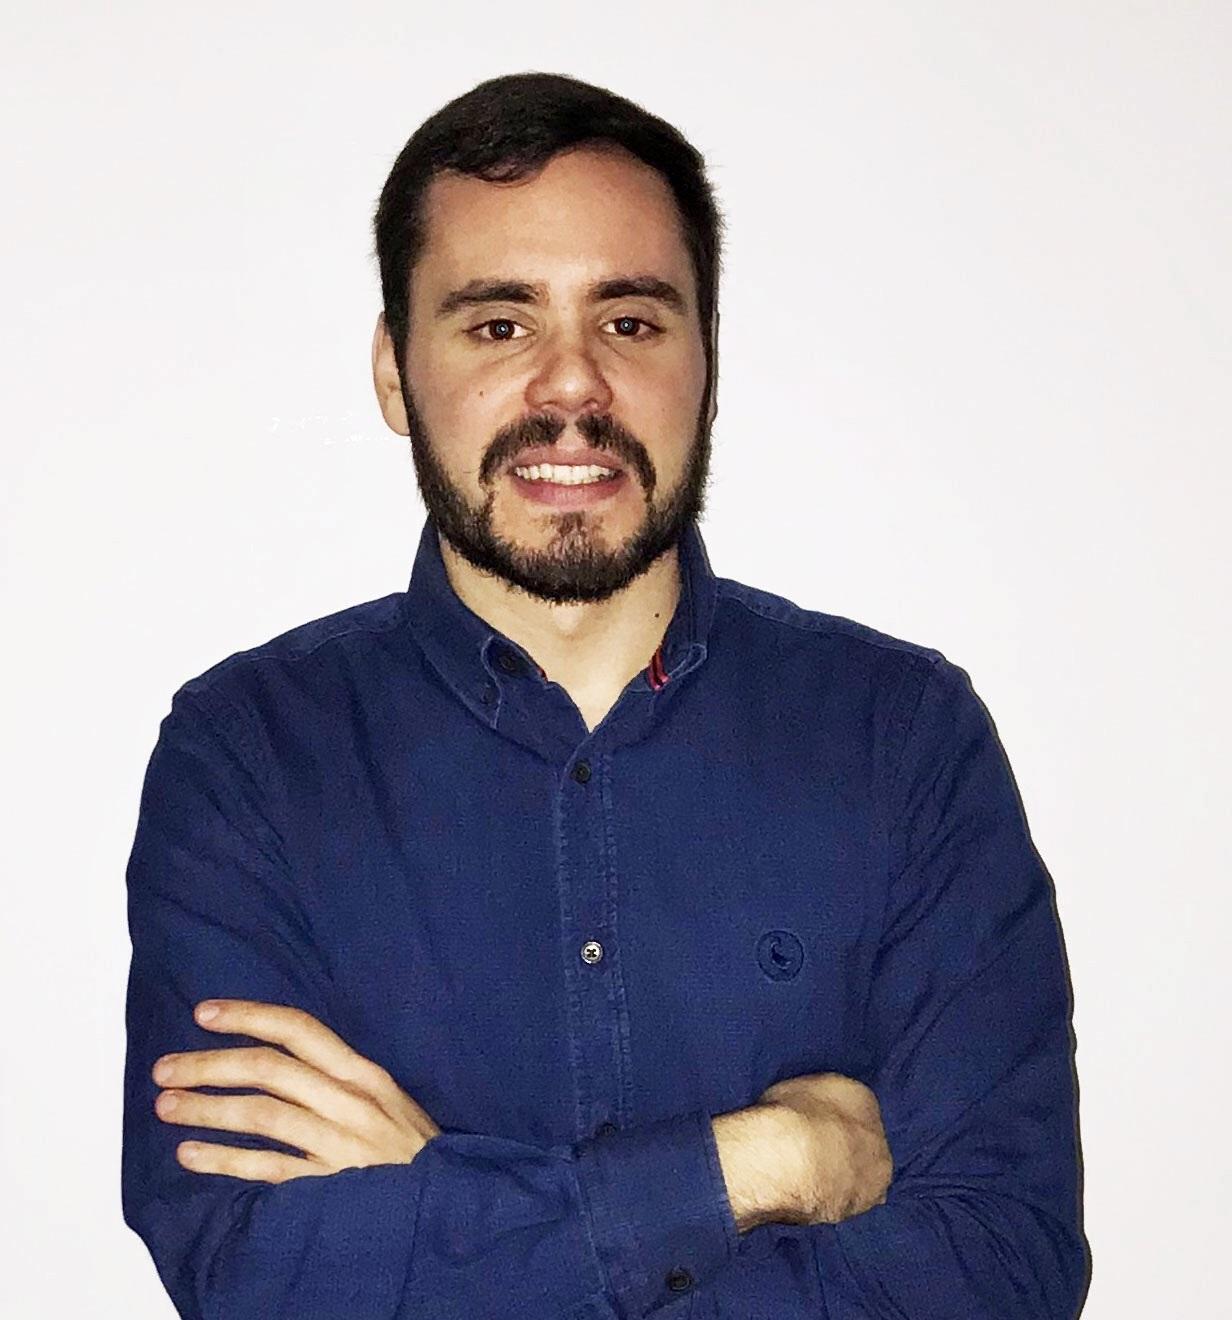 """David Díaz: """"En Redegal, tengo la oportunidad de especializarme en el área del SEM. Formo parte de un equipo de profesionales del sector que son muy buenos en lo que hacen""""."""